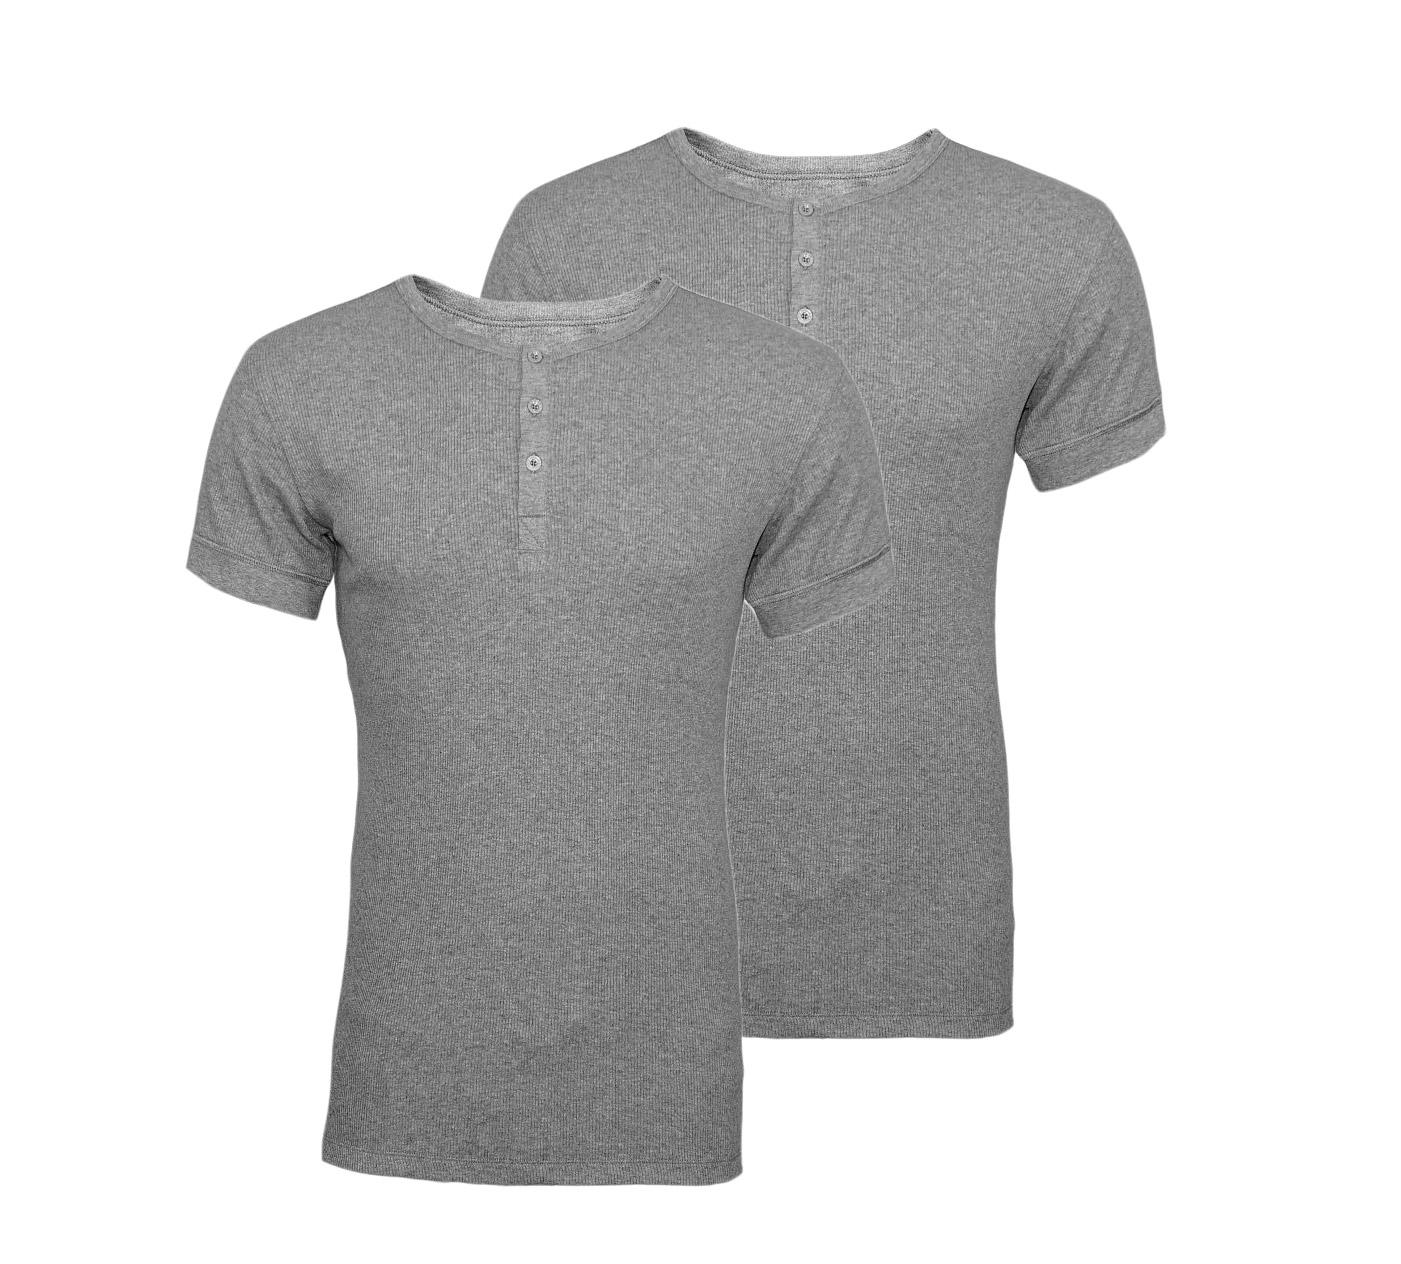 LEVIS Shirts 2er Pack T-Shirt Henley Middle Grey Melange 961024001 758 020 SF17-LVSS2